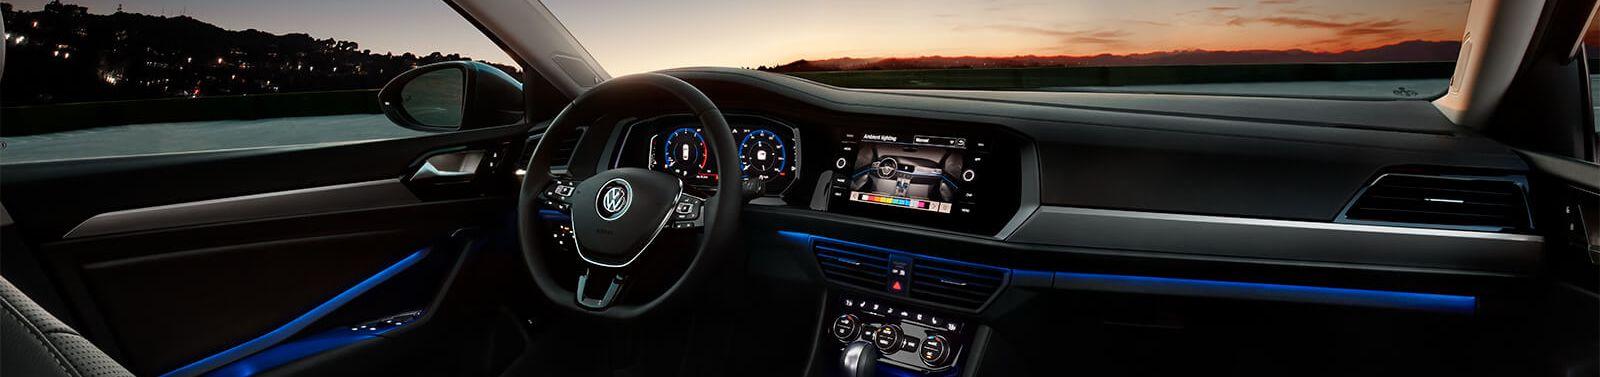 2019 Volkswagen Jetta Center Console